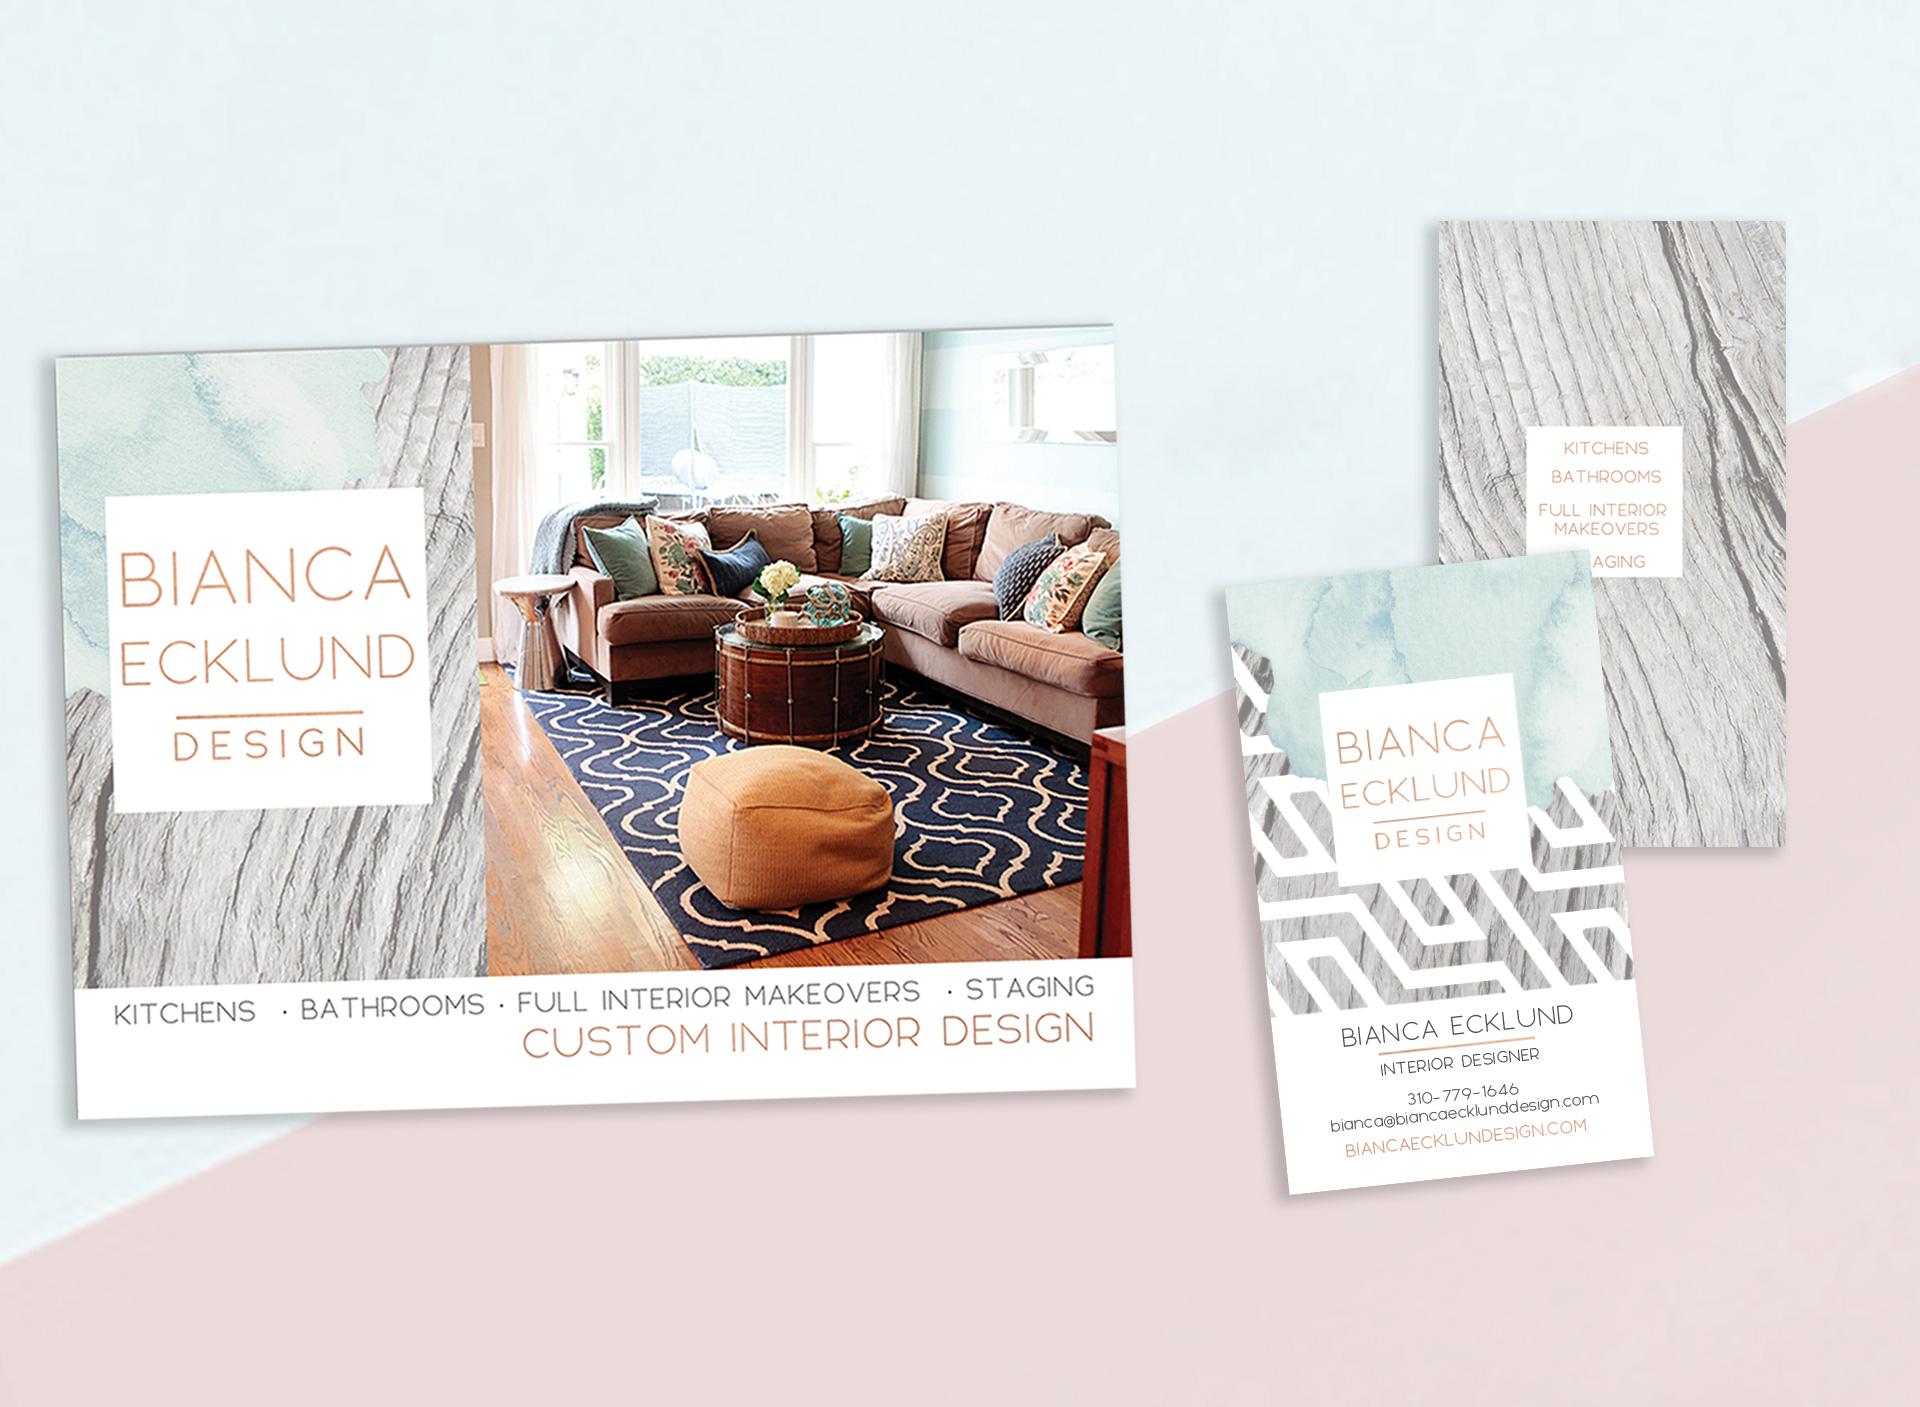 Bianca Ecklund Design